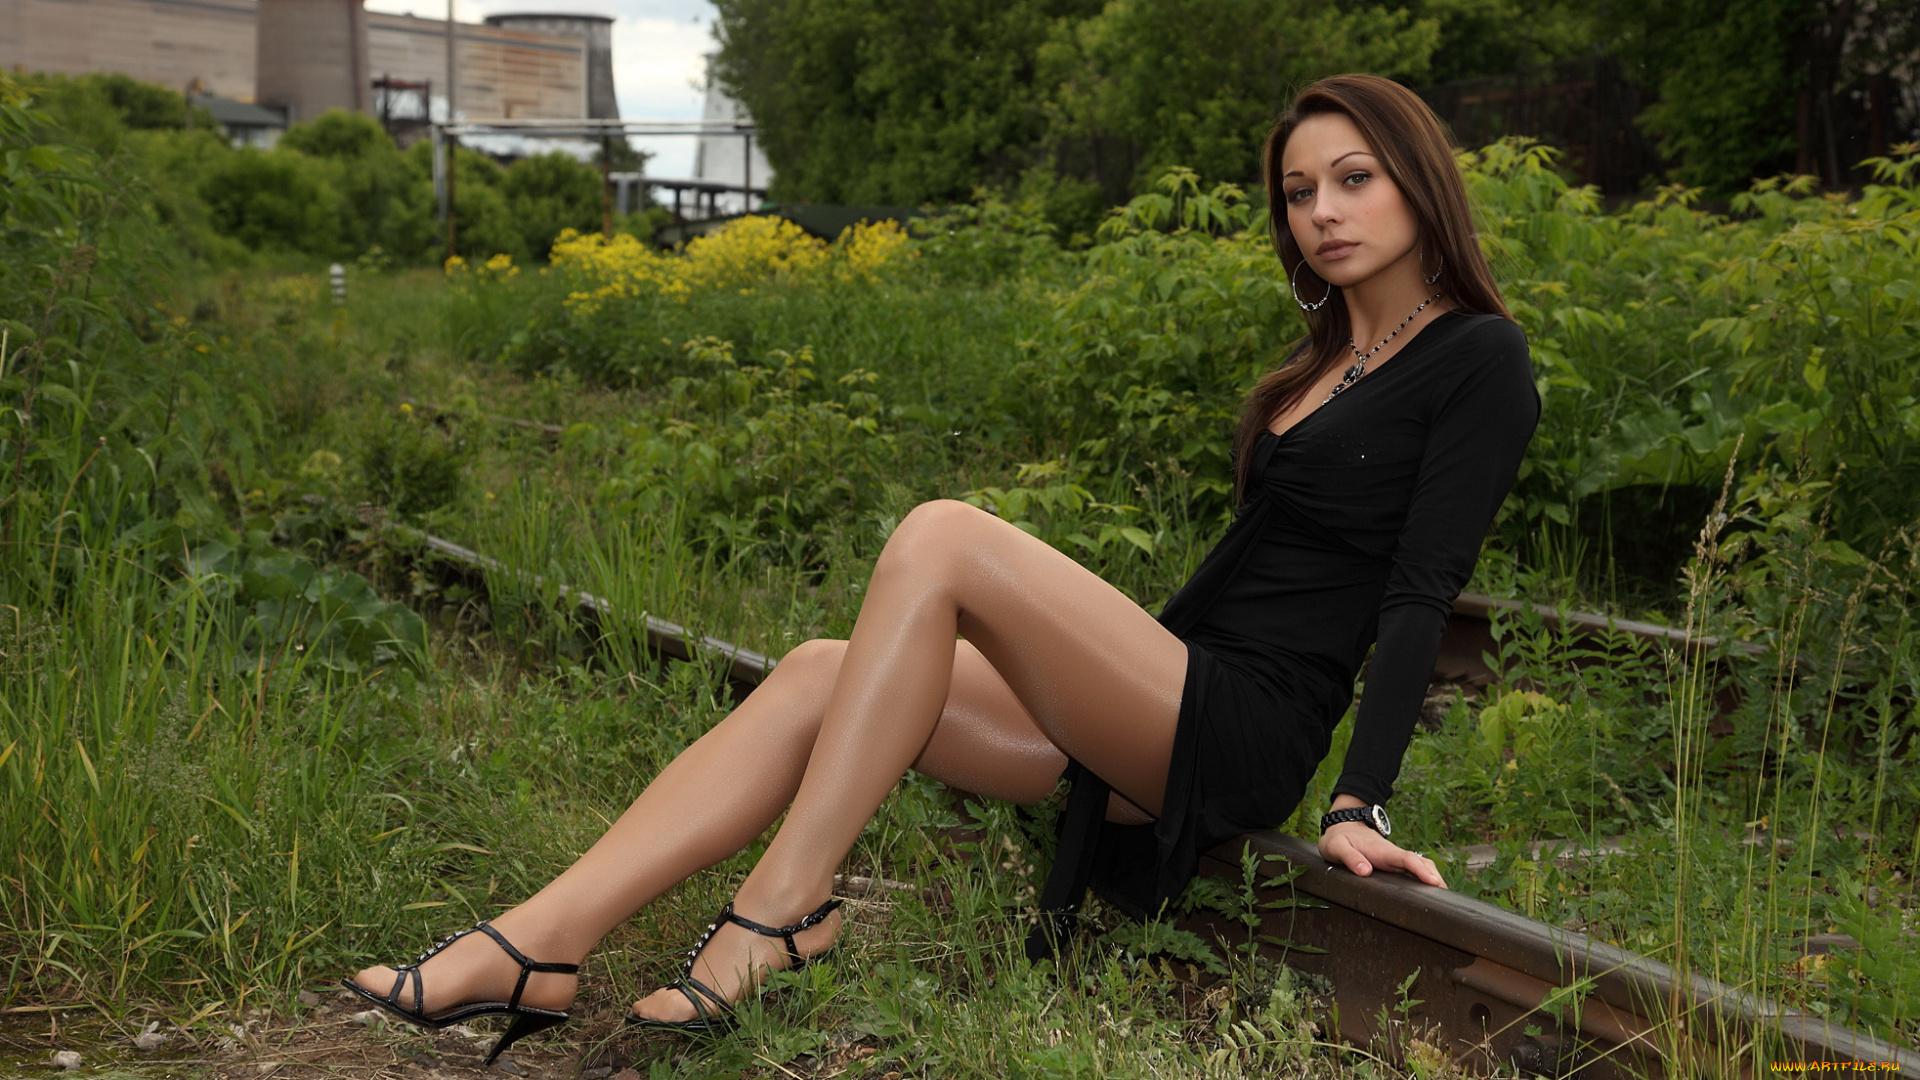 Девушка в колготках на природе